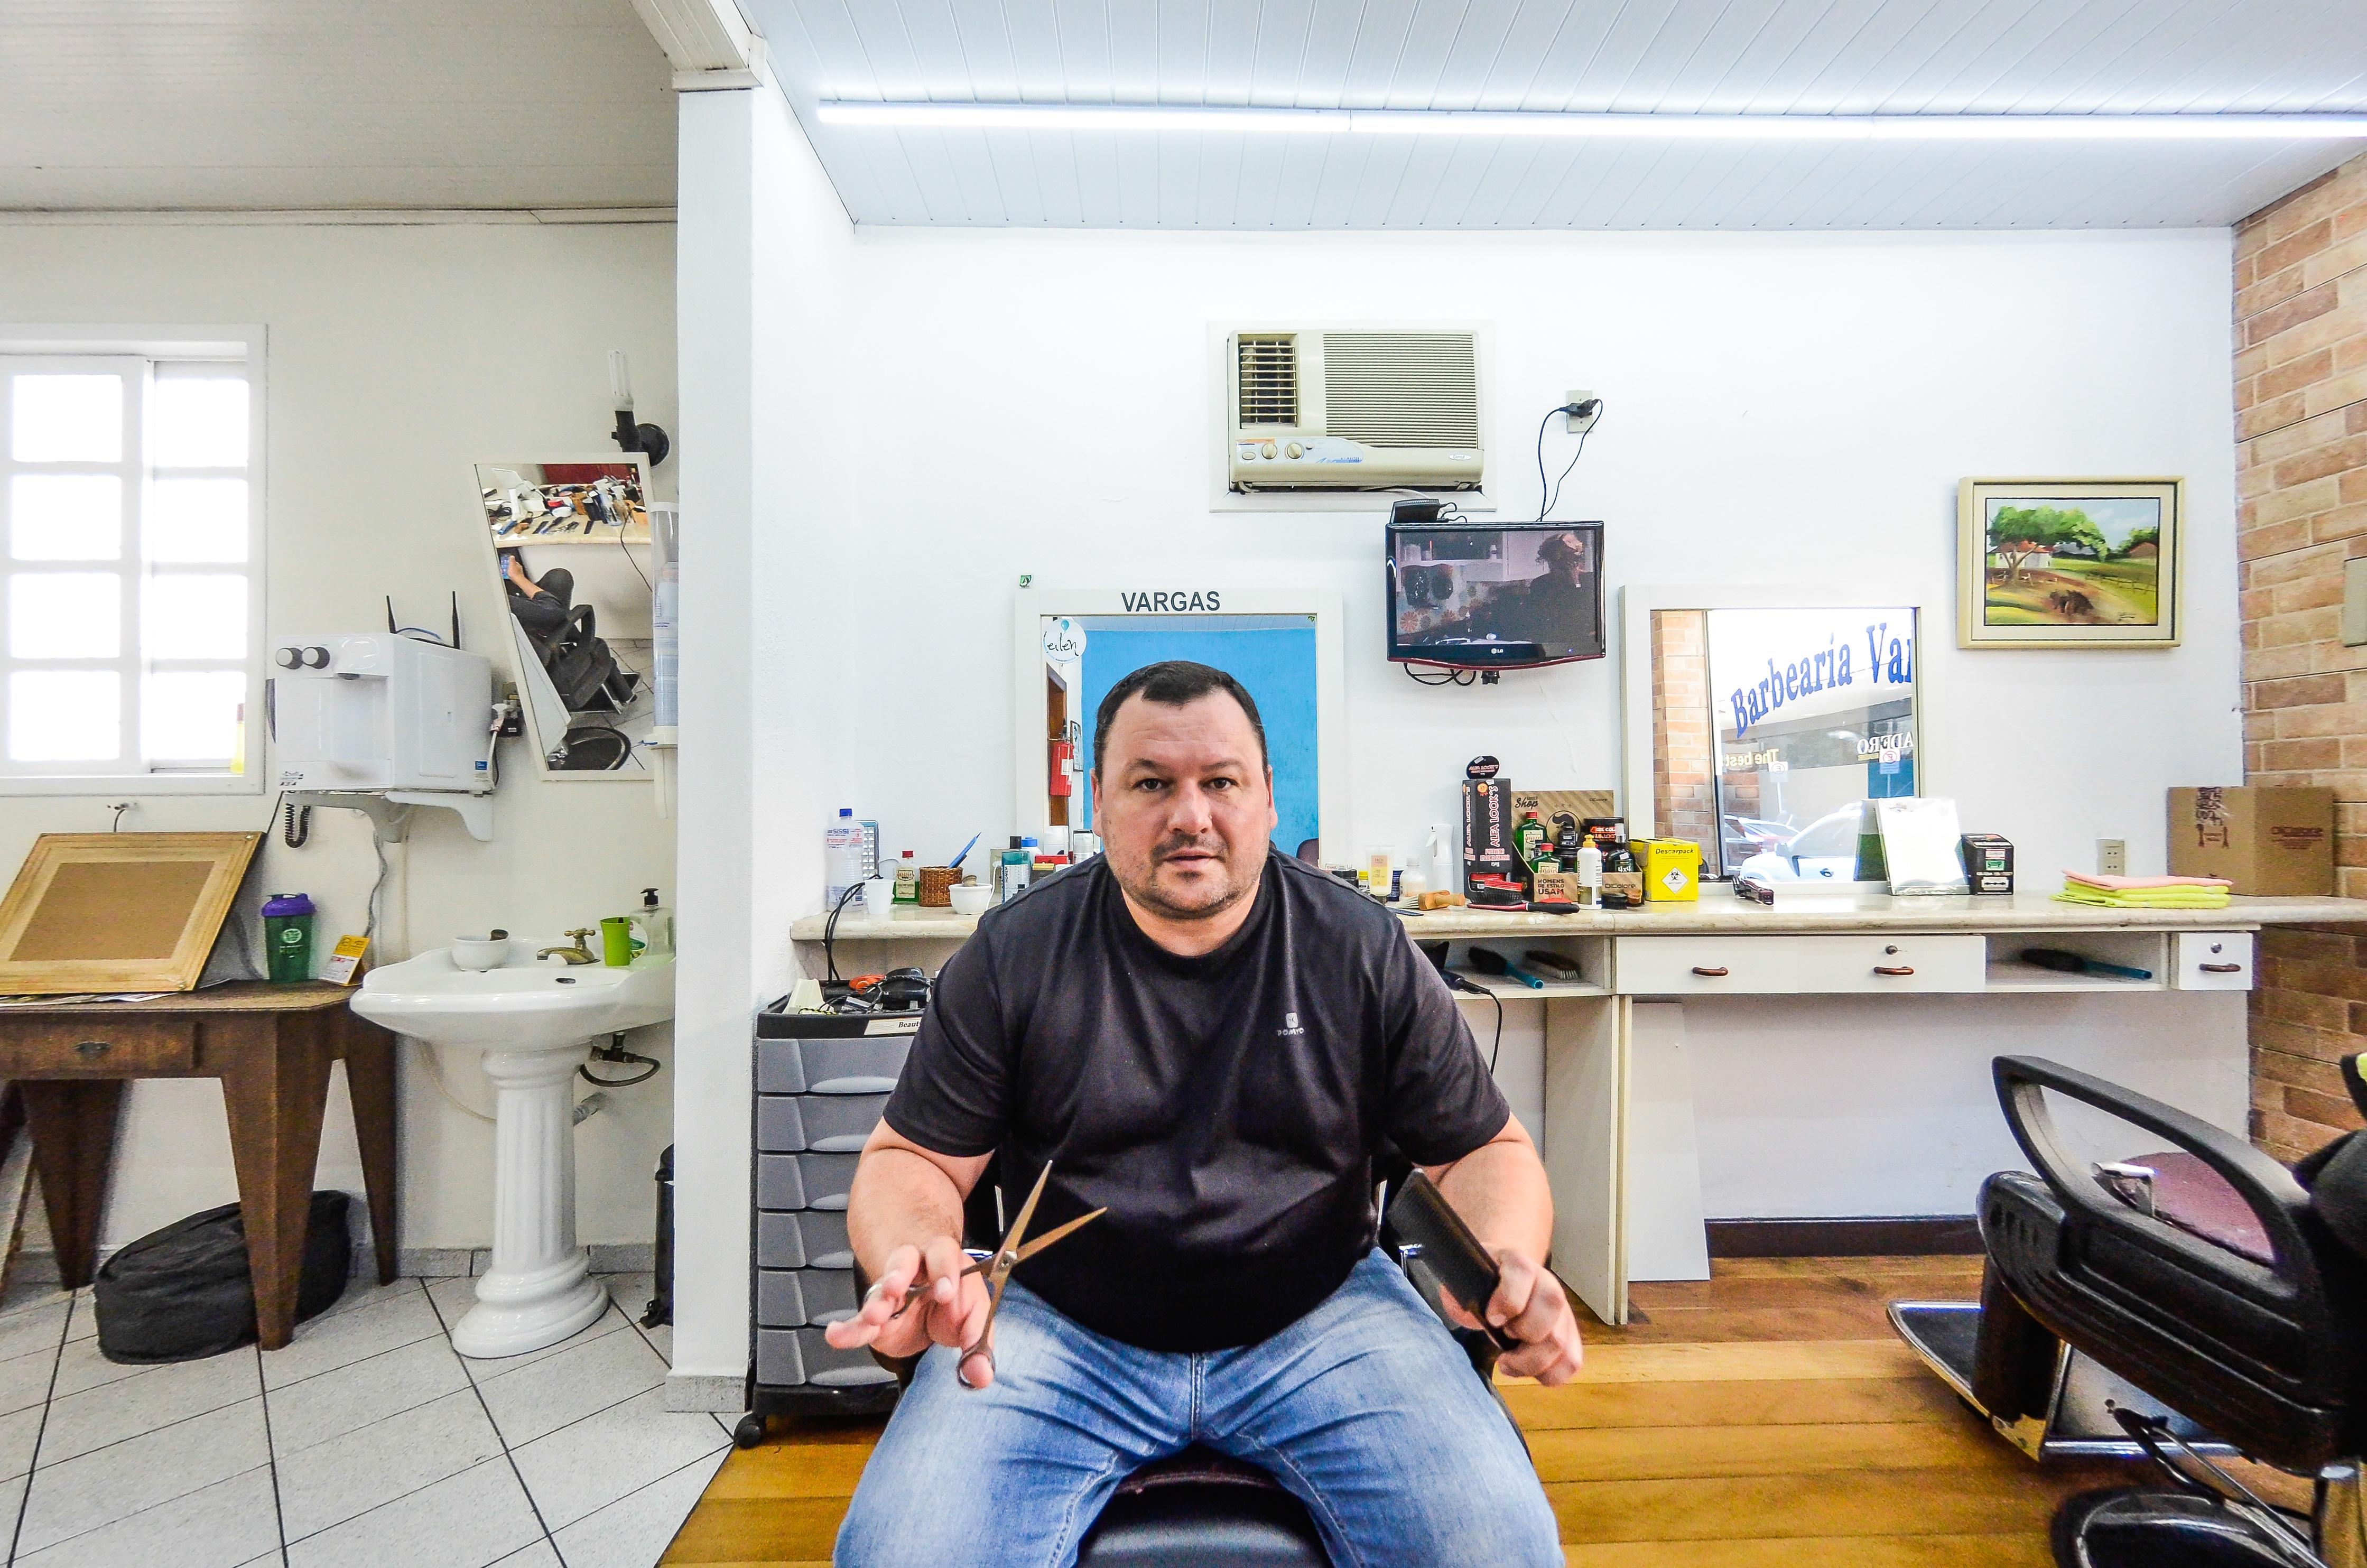 Na Barbearia Vargas, o assunto sempre acaba em futebol - Joyce Reinert/ND